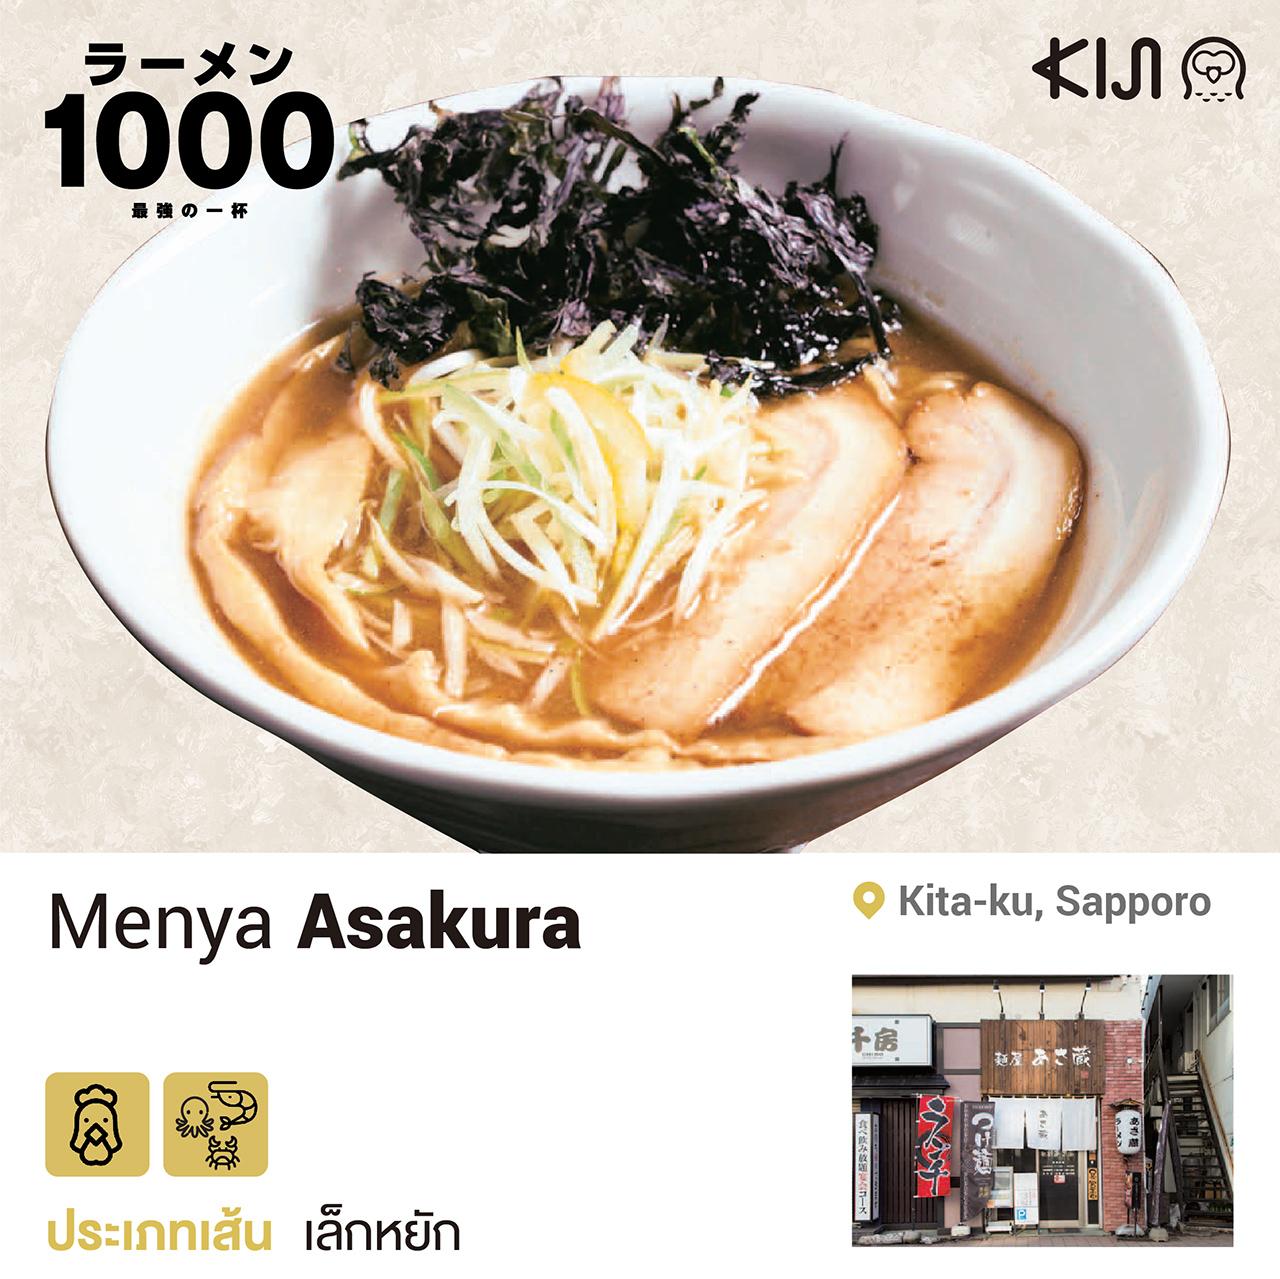 ร้านราเมน เขตคิตะ เมืองซัปโปโร จ.ฮอกไกโด - Menya Asakura